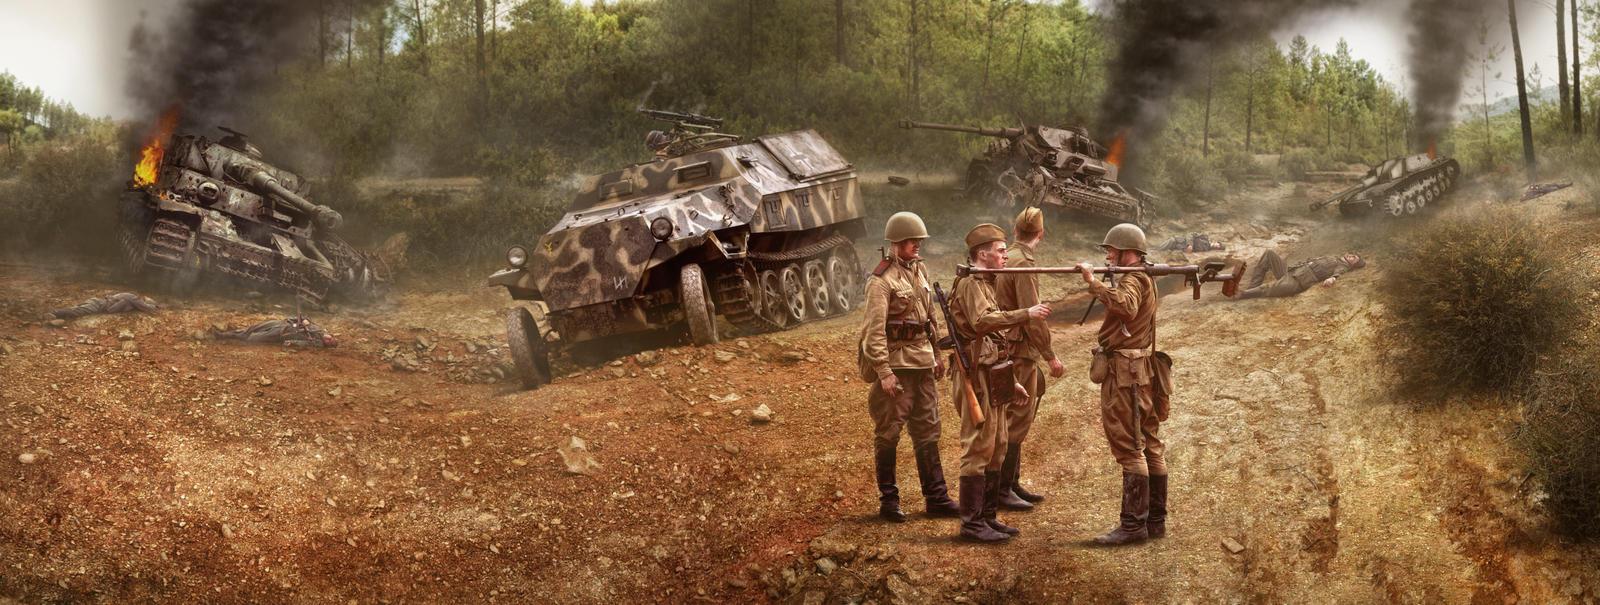 Фотоработы Дмитрия Лаудина на тему Второй Мировой